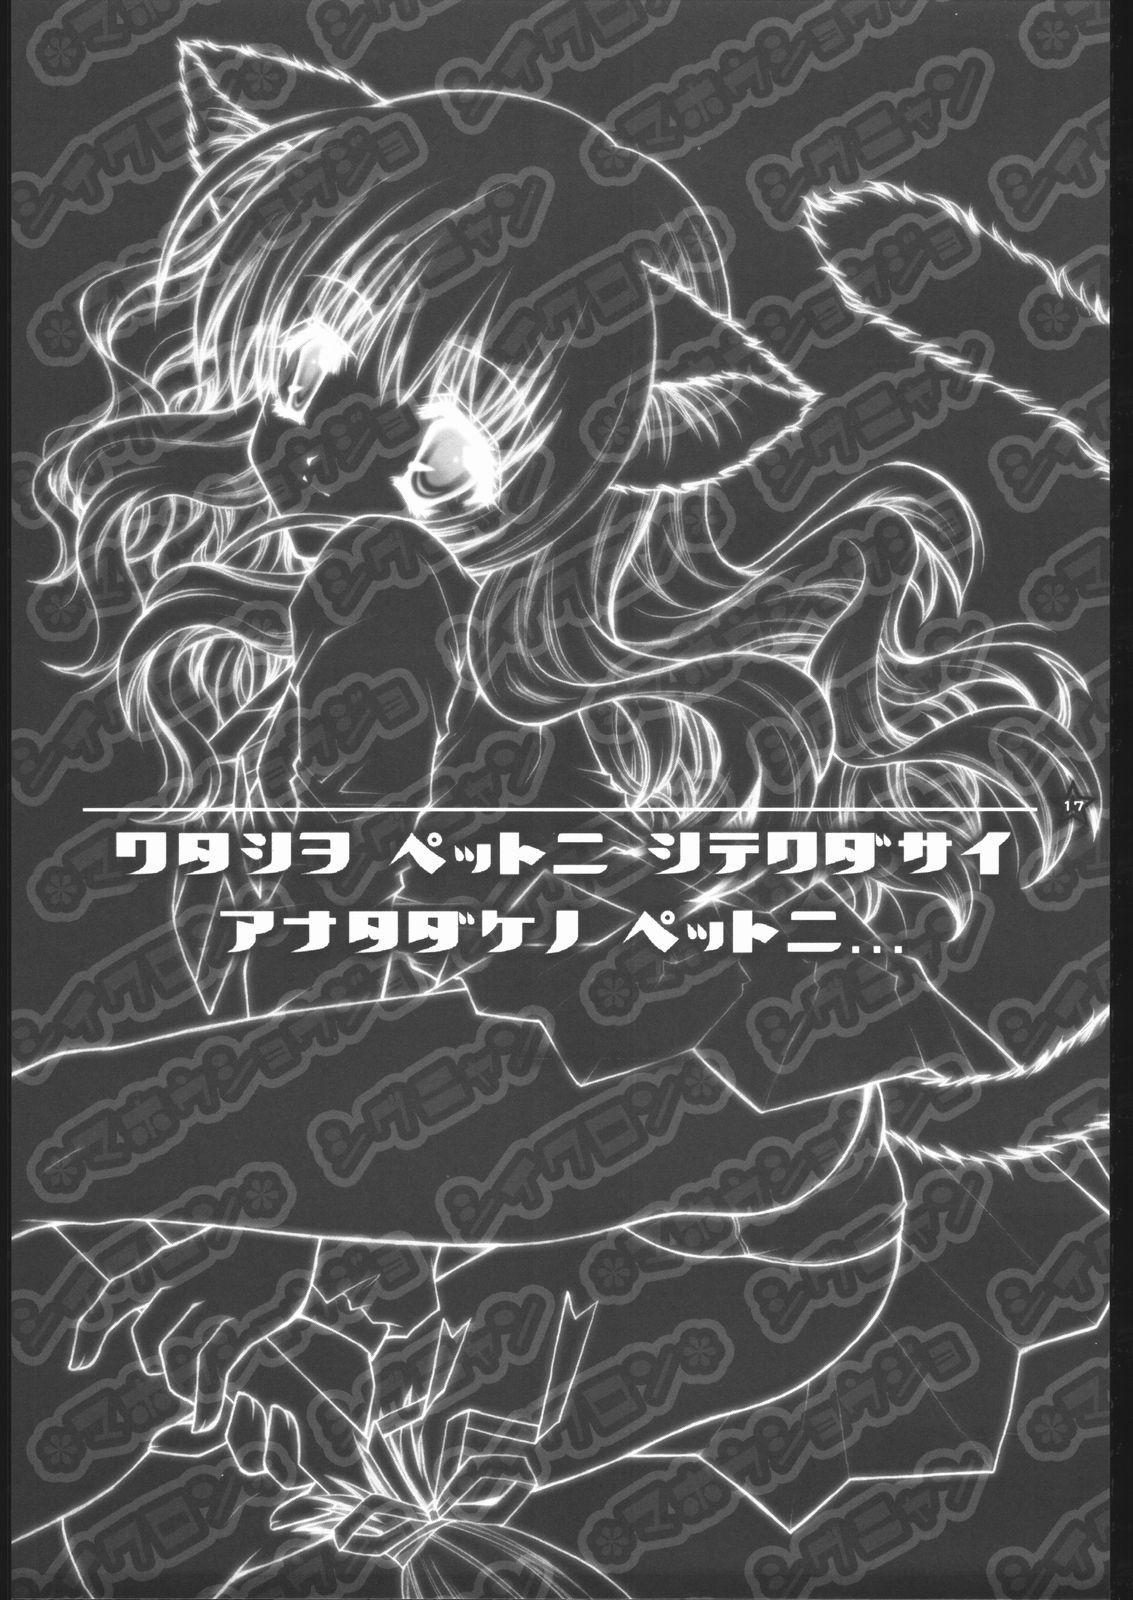 Mahou Shoujo Shiikuron 15